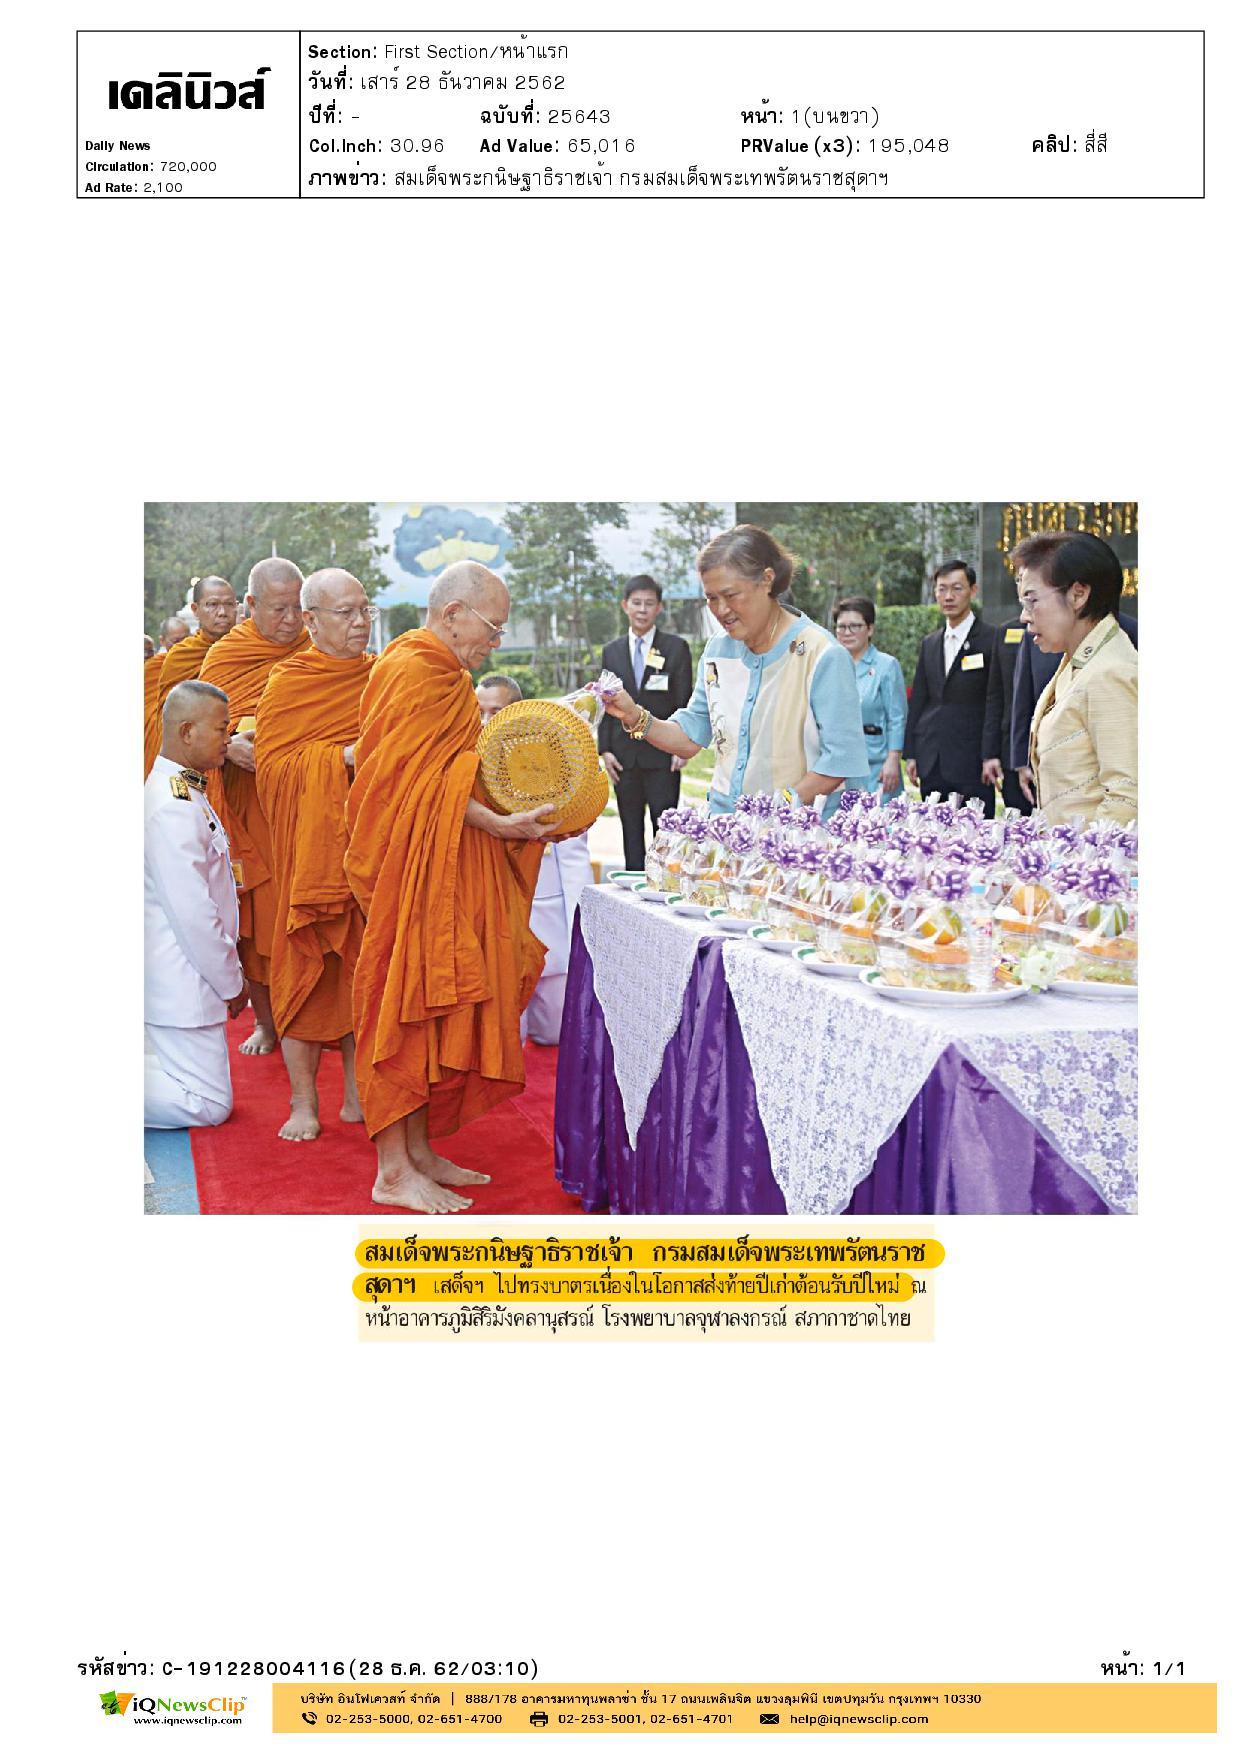 สมเด็จพระกนิษฐาธิราชเจ้า กรมสมเด็จพระเทพรัตนราชสุดาฯ สยามบรมราชกุมารี เสด็จฯ ไปทรงบาตรเนื่องในโอกาสส่งท้ายปีเก่าต้อนรับปีใหม่